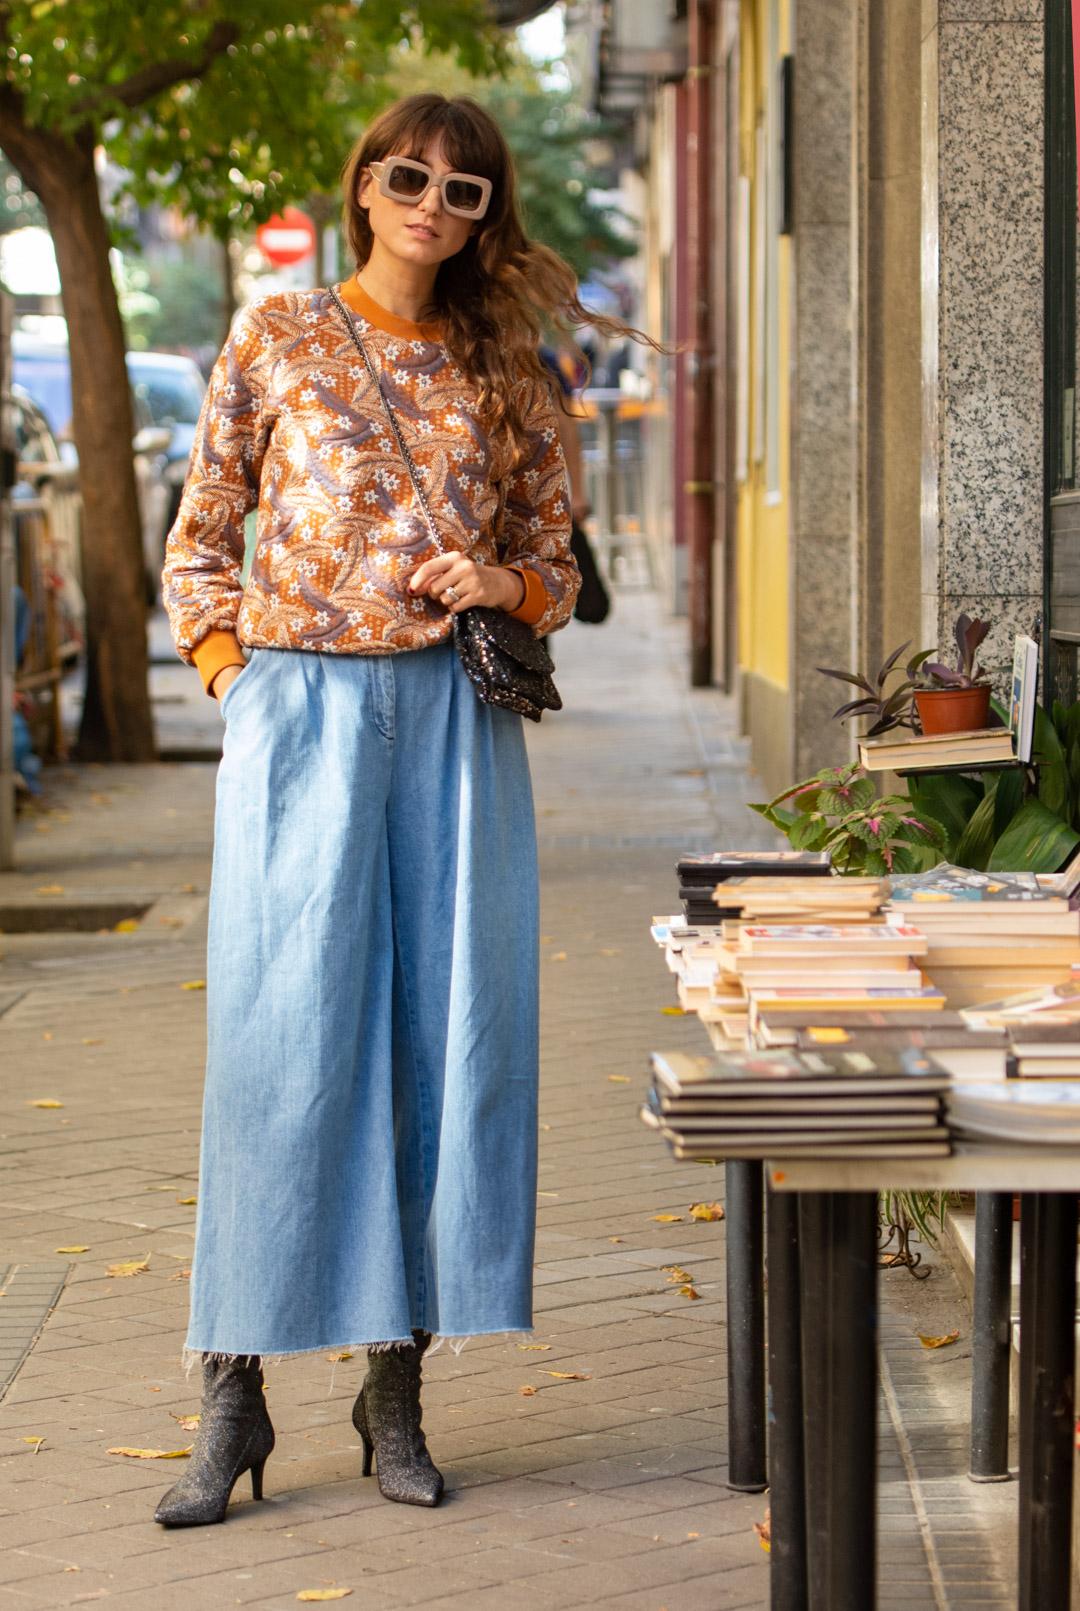 la-libreria-street-style-mayte-de-la-igleisa-10